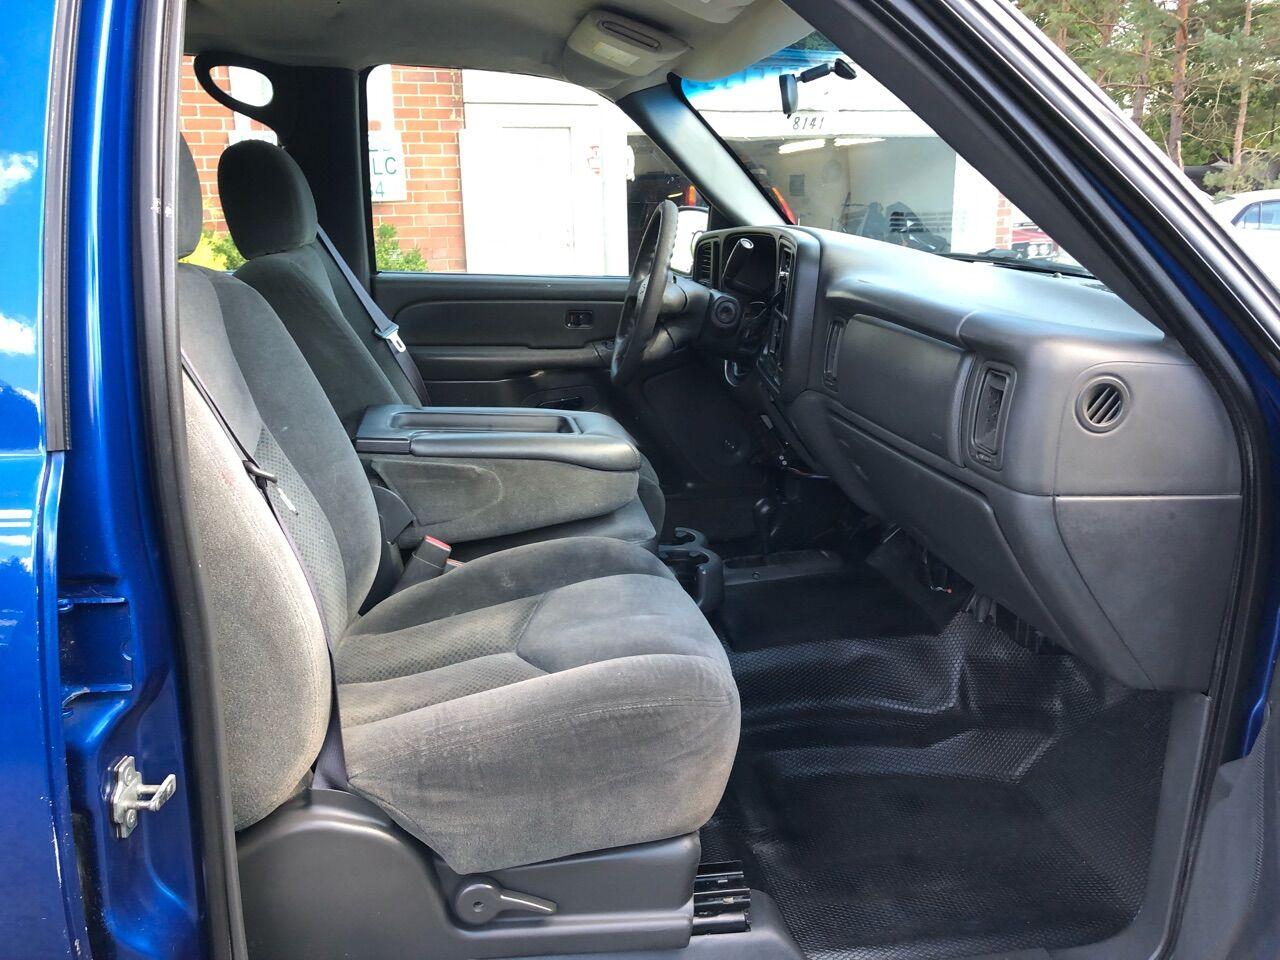 2004 Chevrolet Silverado 3500 Long Bed